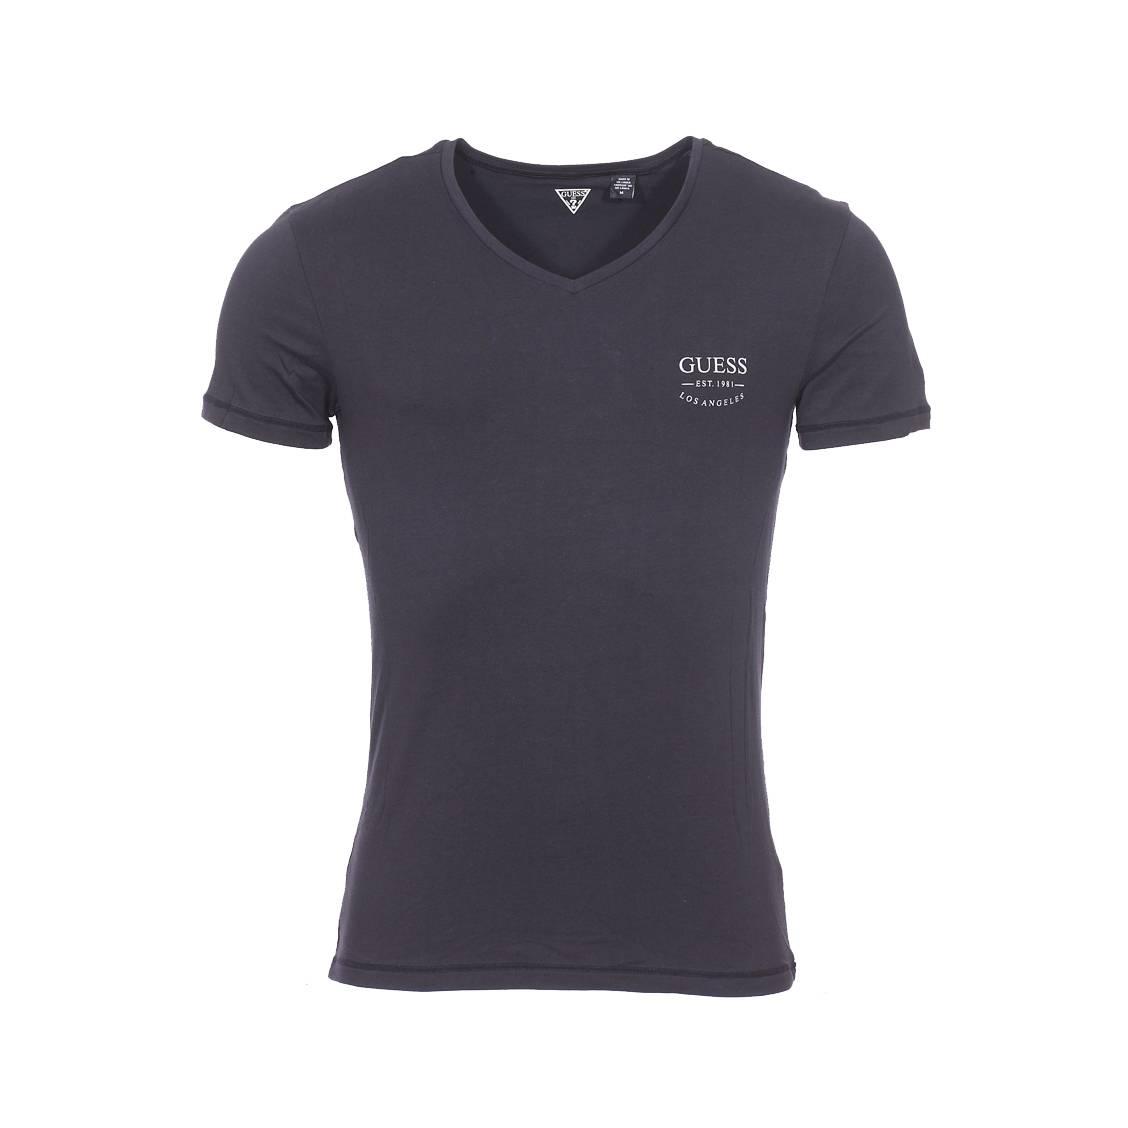 e269b21f144 Tee-shirt col V Guess en coton stretch noir floqué en gris sur la poitrine  ...